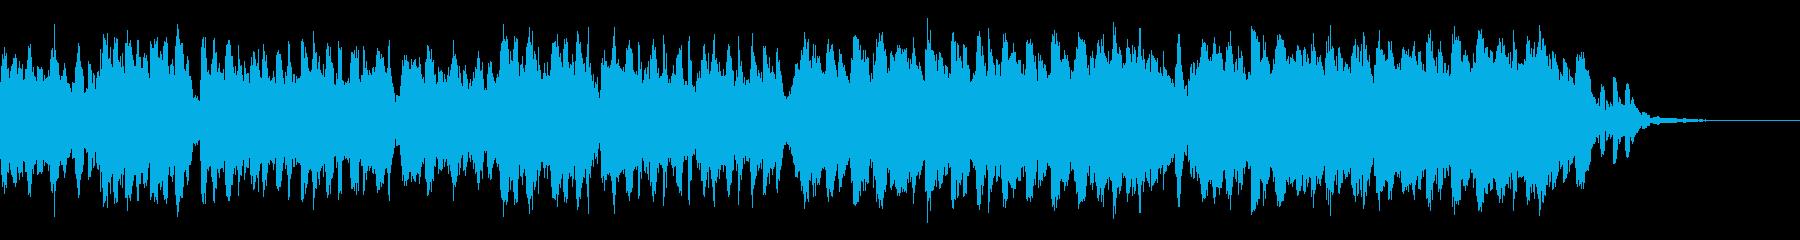 「疾走感」企業VP映像用オーケストラ壮大の再生済みの波形